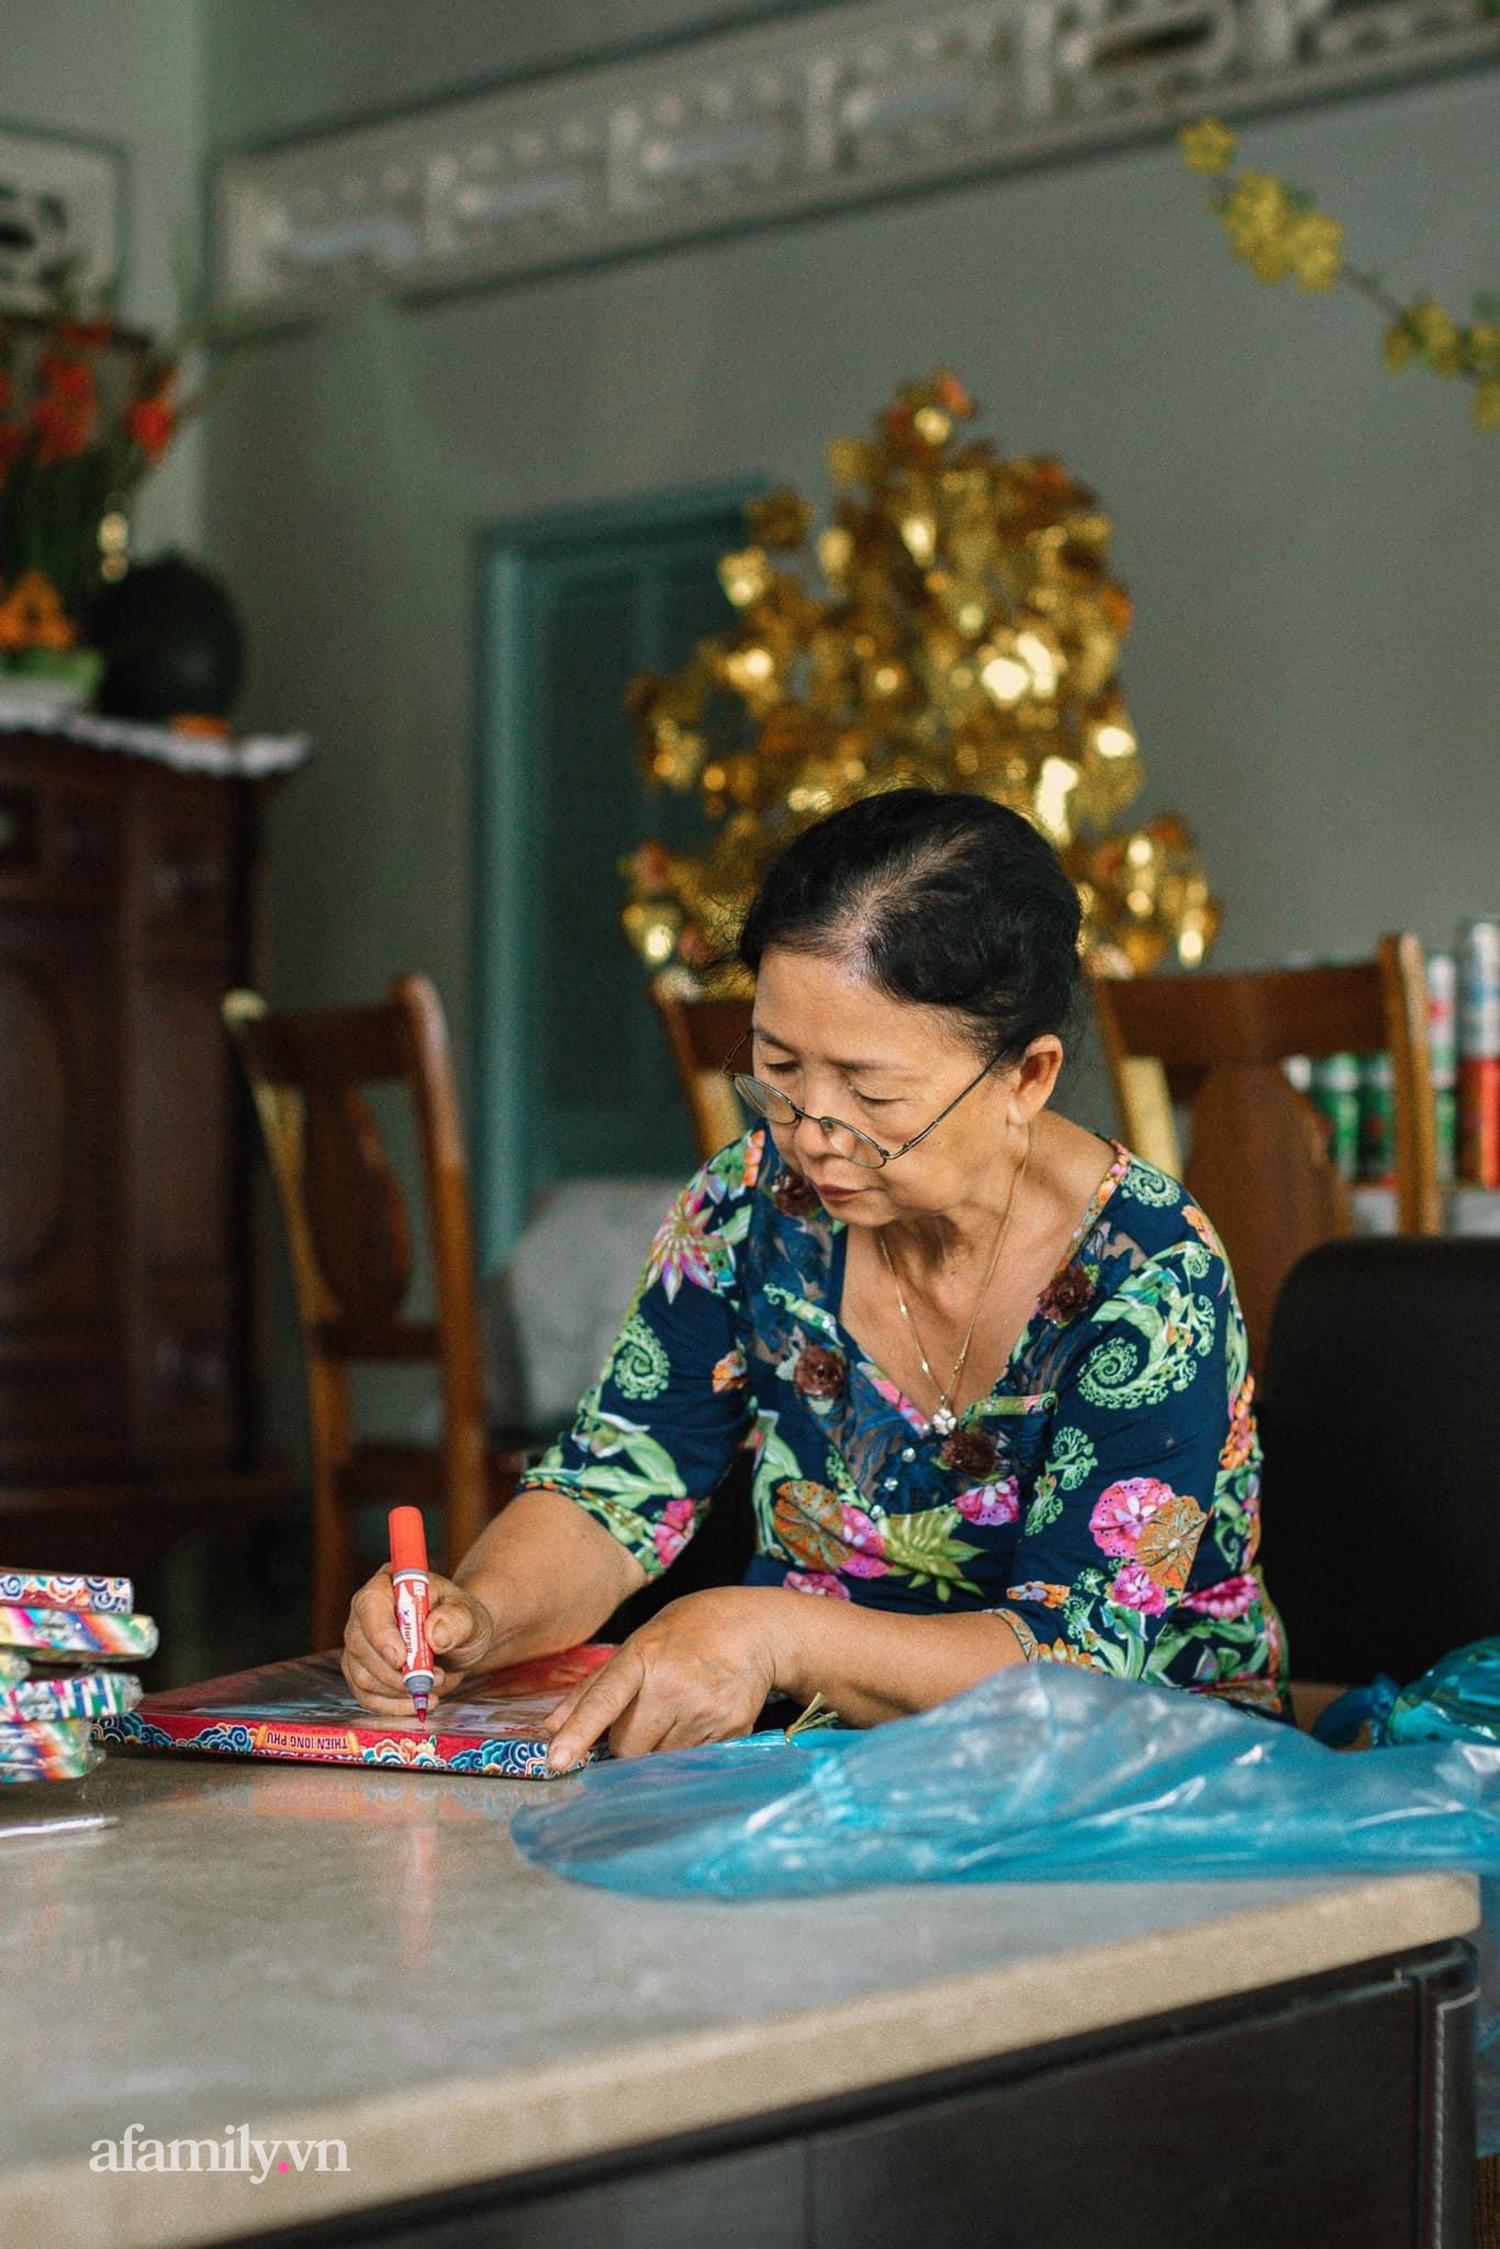 Chui tuốt vô vườn để ăn món GÀ QUAY bằng CHIẾC LU HƠN 100 NĂM tại Cần Thơ, đặc sản nổi tiếng của miền Tây nhưng hot lên tới tận Sài Gòn! - Ảnh 5.